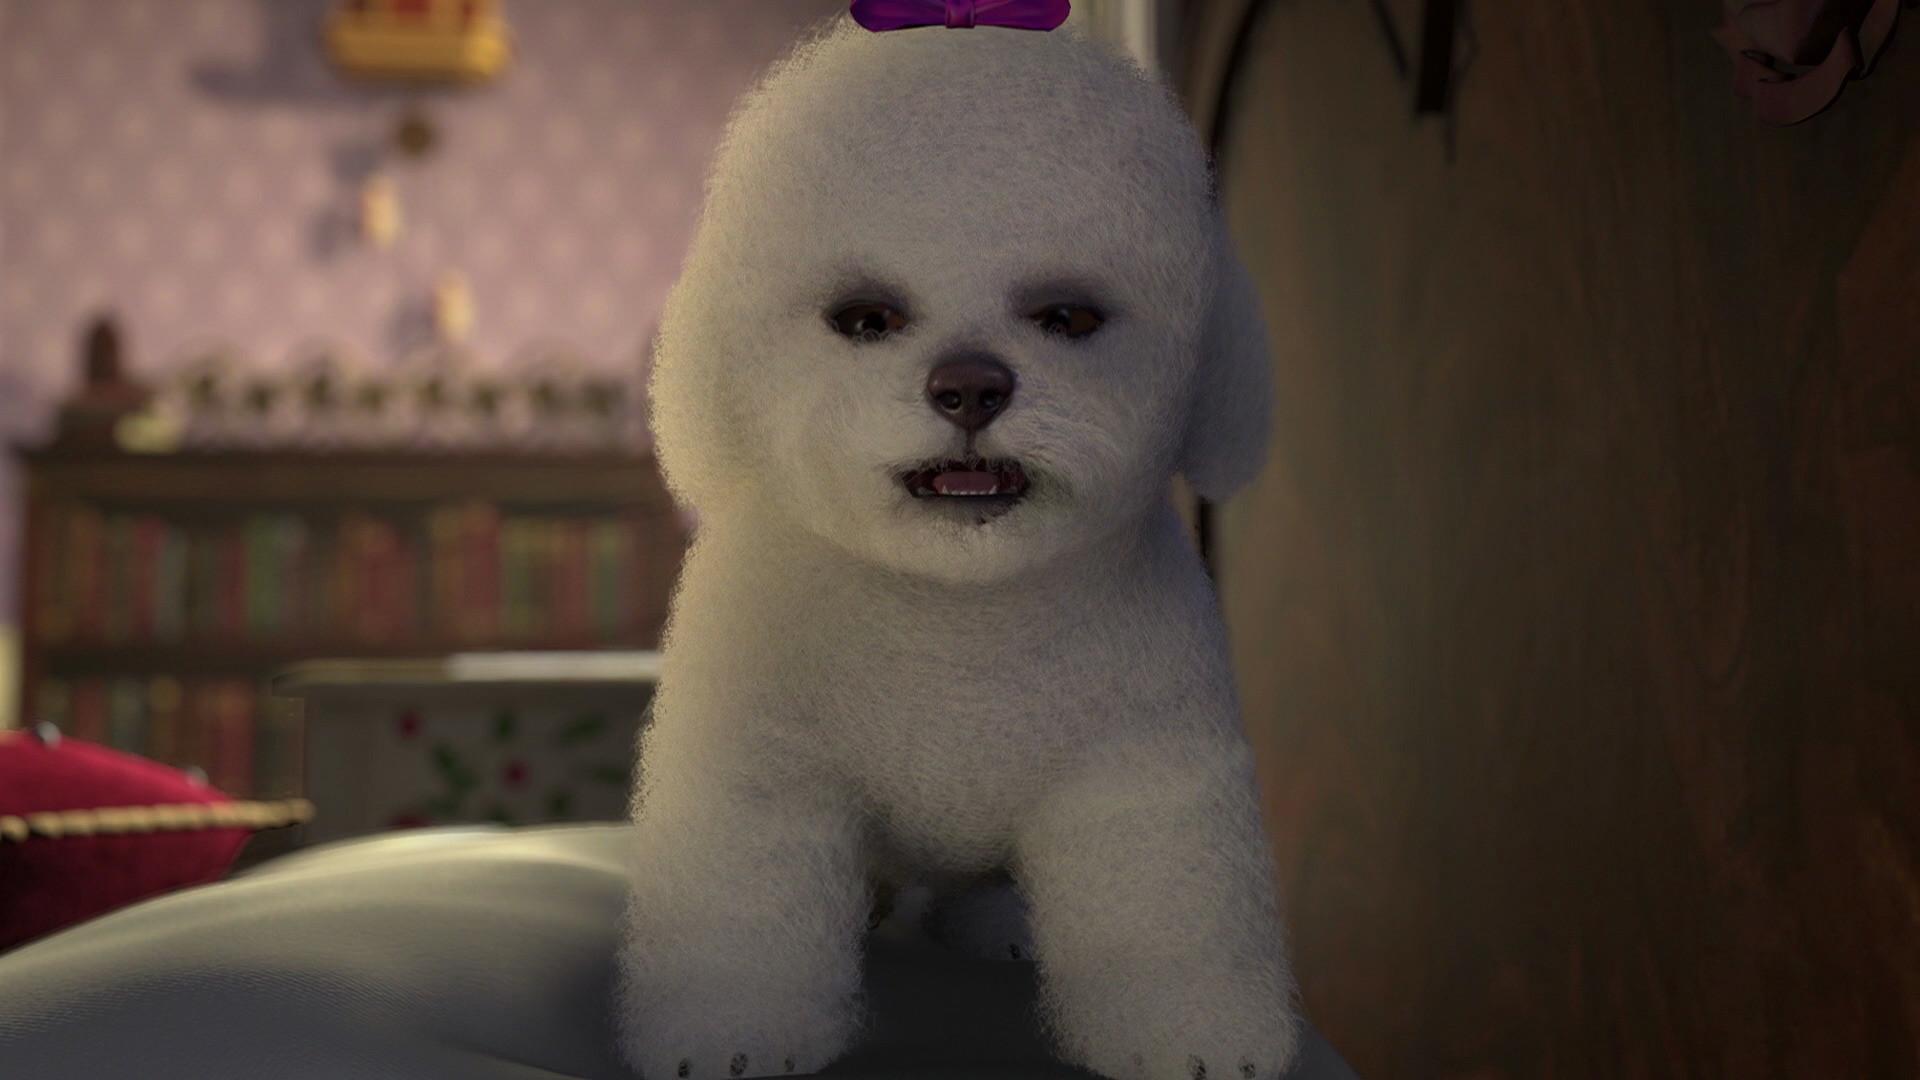 Puppy Dog (Shrek) | Dreamworks Animation Wiki | FANDOM powered by Wikia